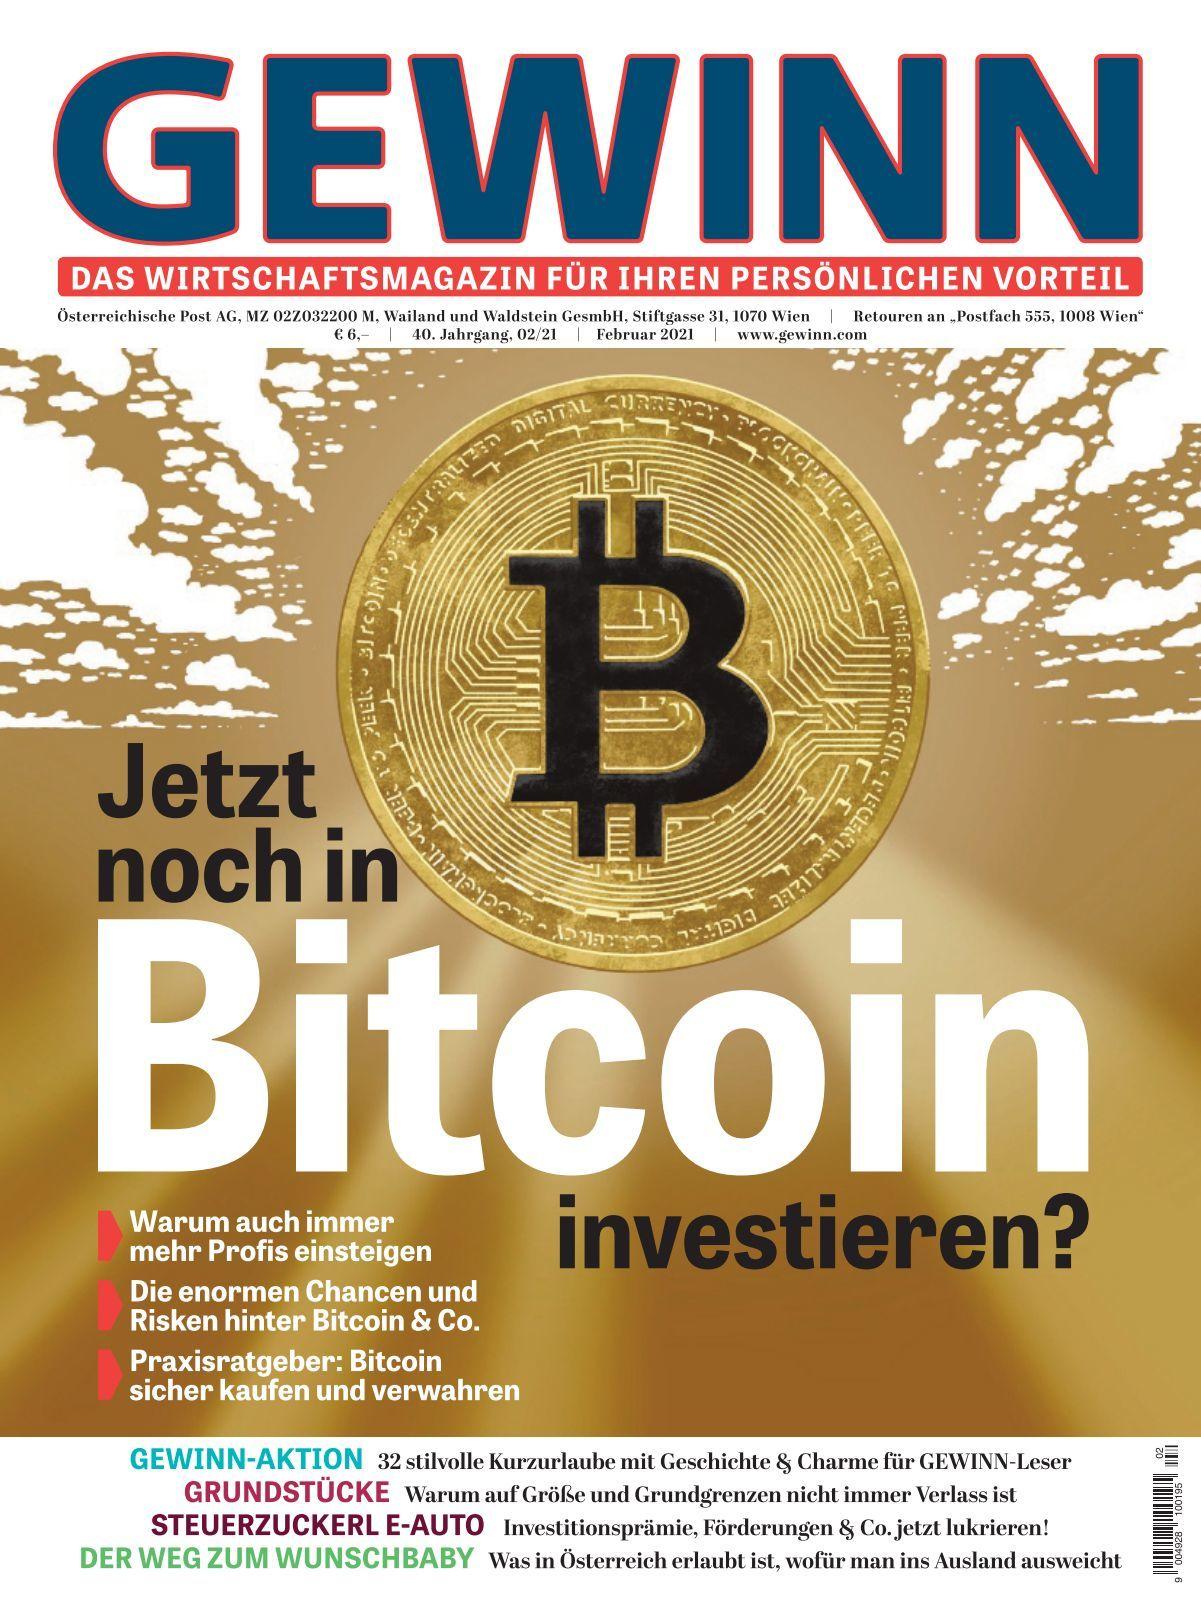 bitcoin privater gewinn auf einem gtx 1080 wie werde ich schneller reich?